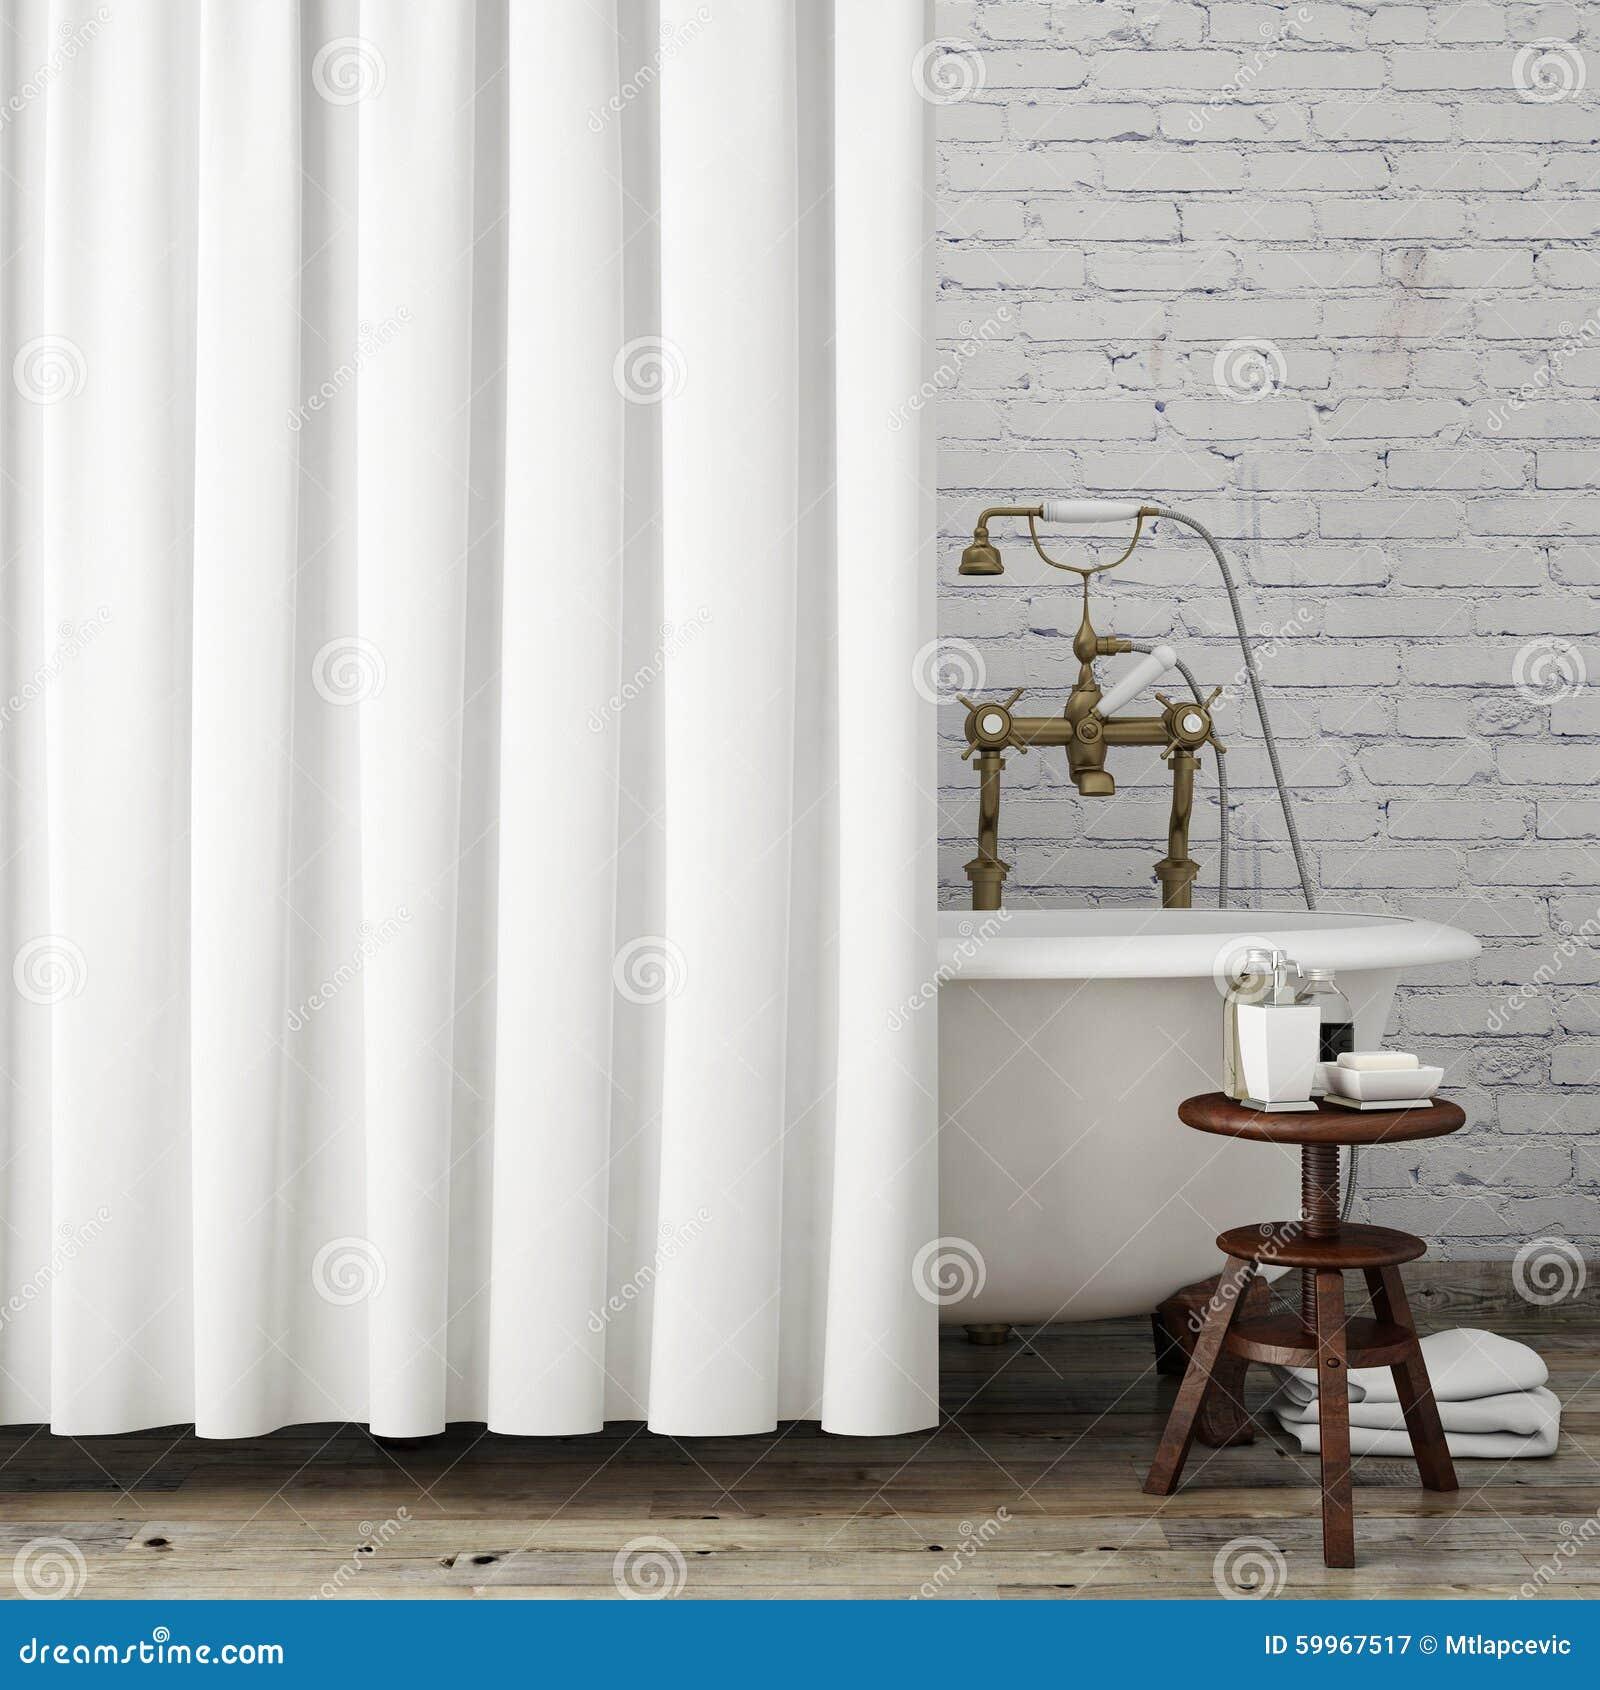 Imite Encima Del Cuarto De Baño Con Las Cortinas Blancas, Fondo ...